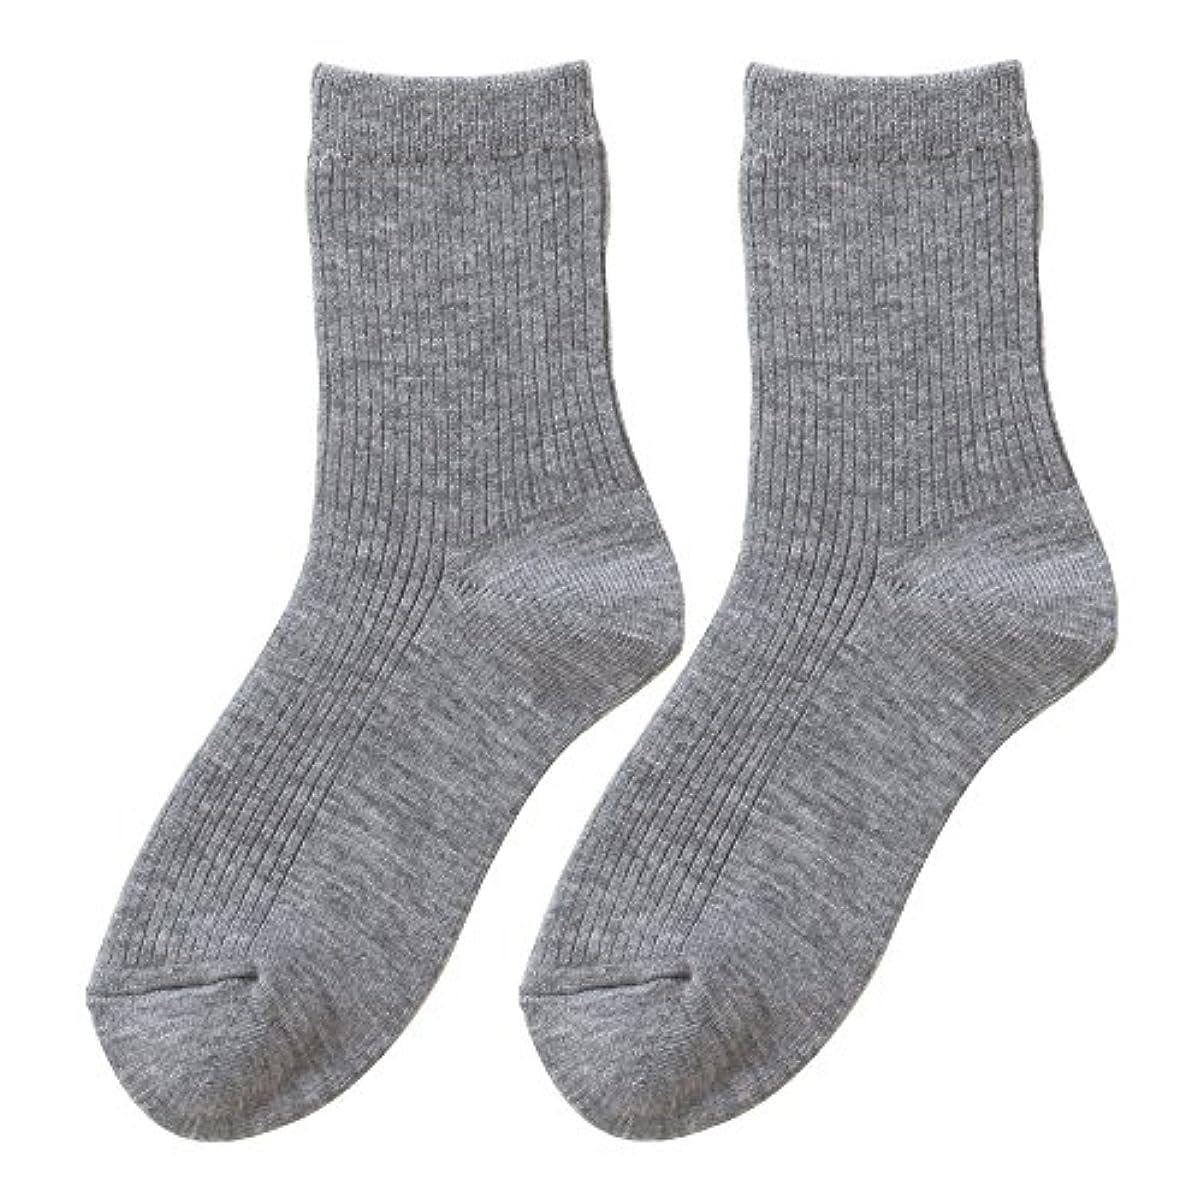 笑不均一根絶するひだまり ダブルソックス 婦人用 靴下[22~24cm] グレー